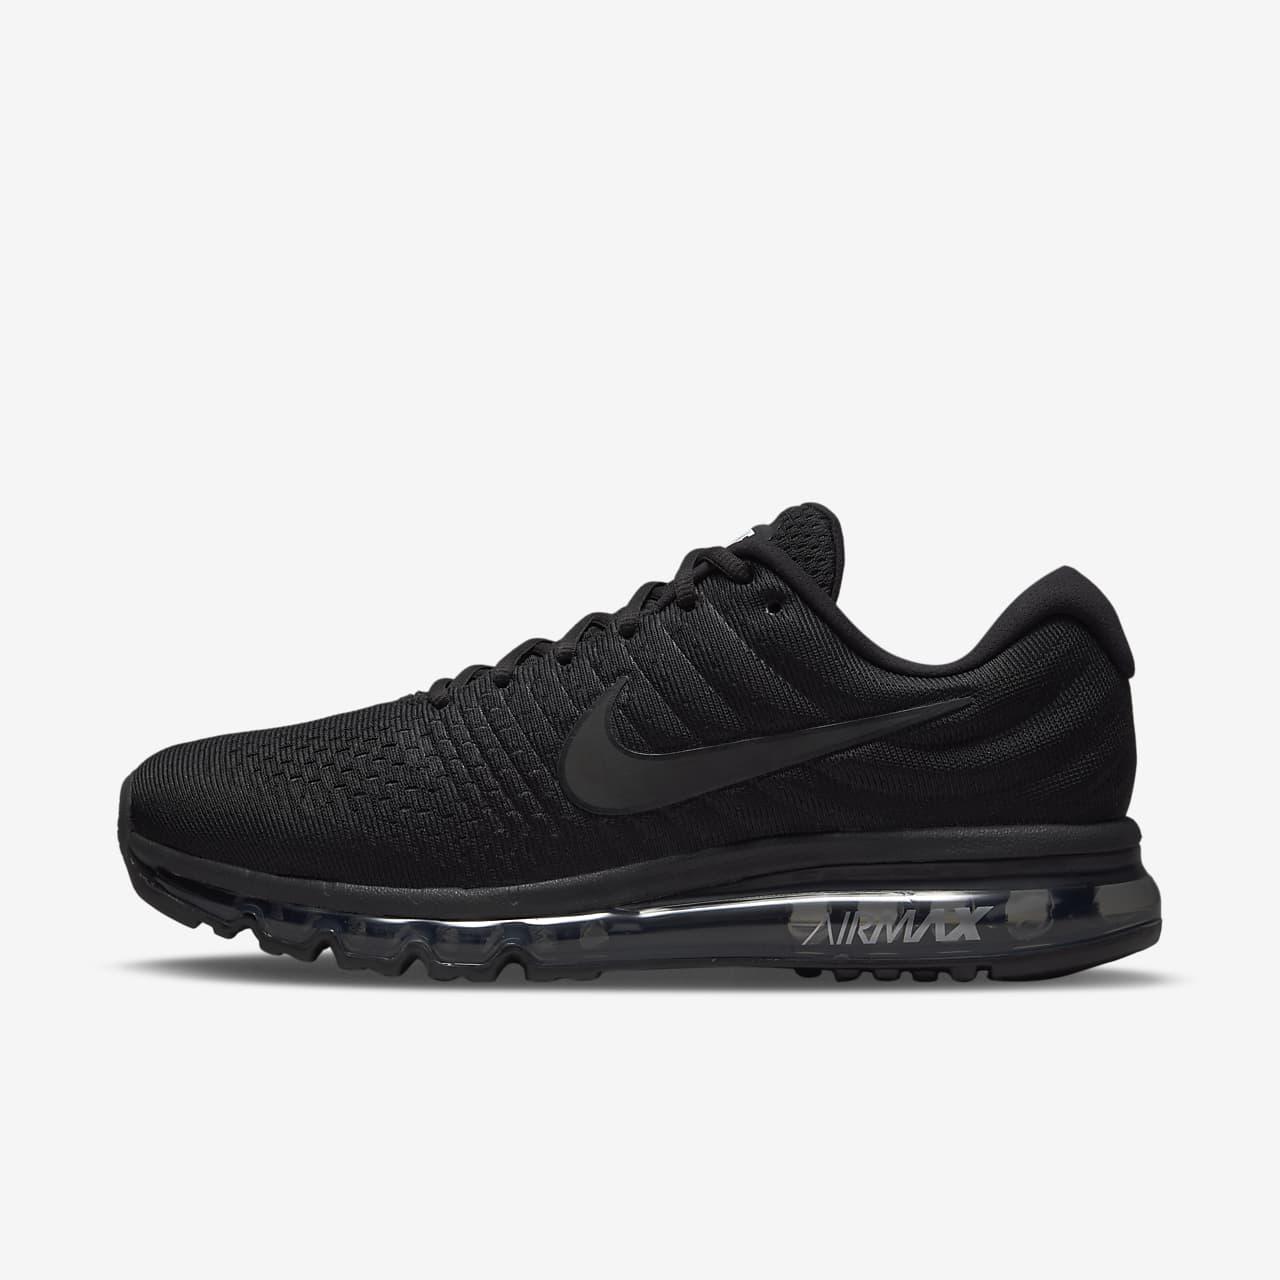 6588d6bb34636 Calzado para hombre Nike Air Max 2017. Nike.com MX